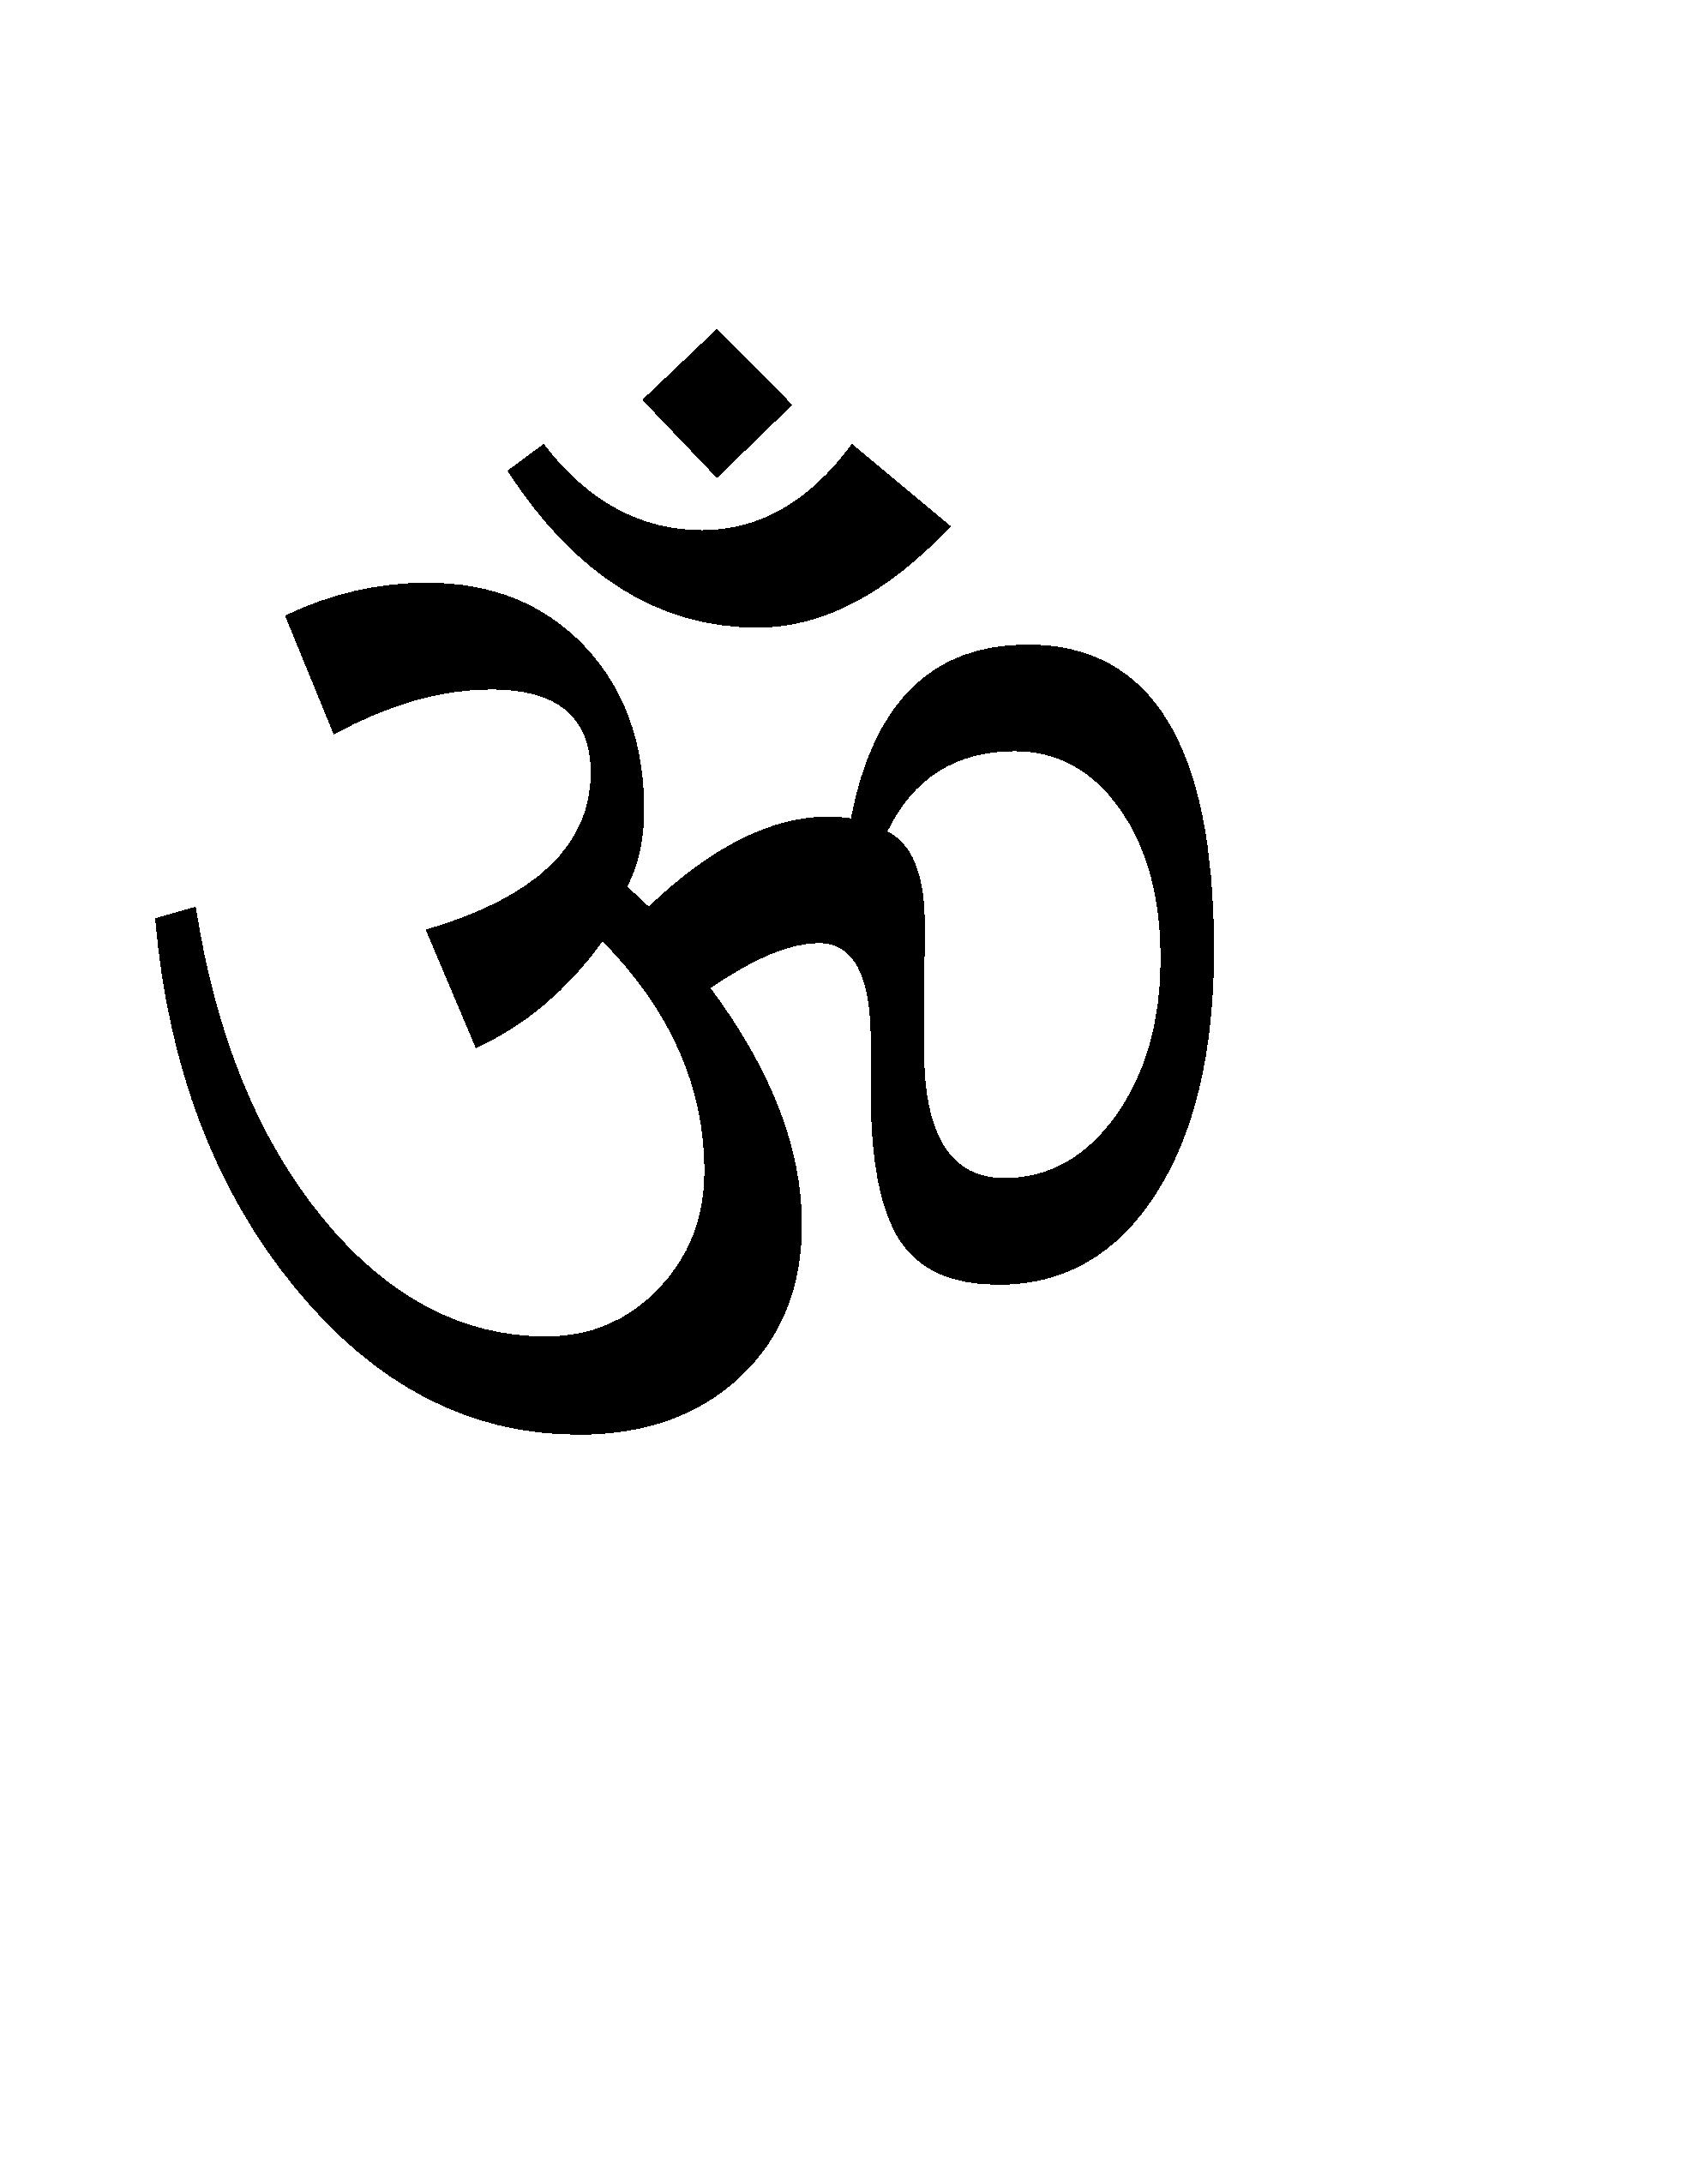 Om Clipart-Clipartlook.com-1969